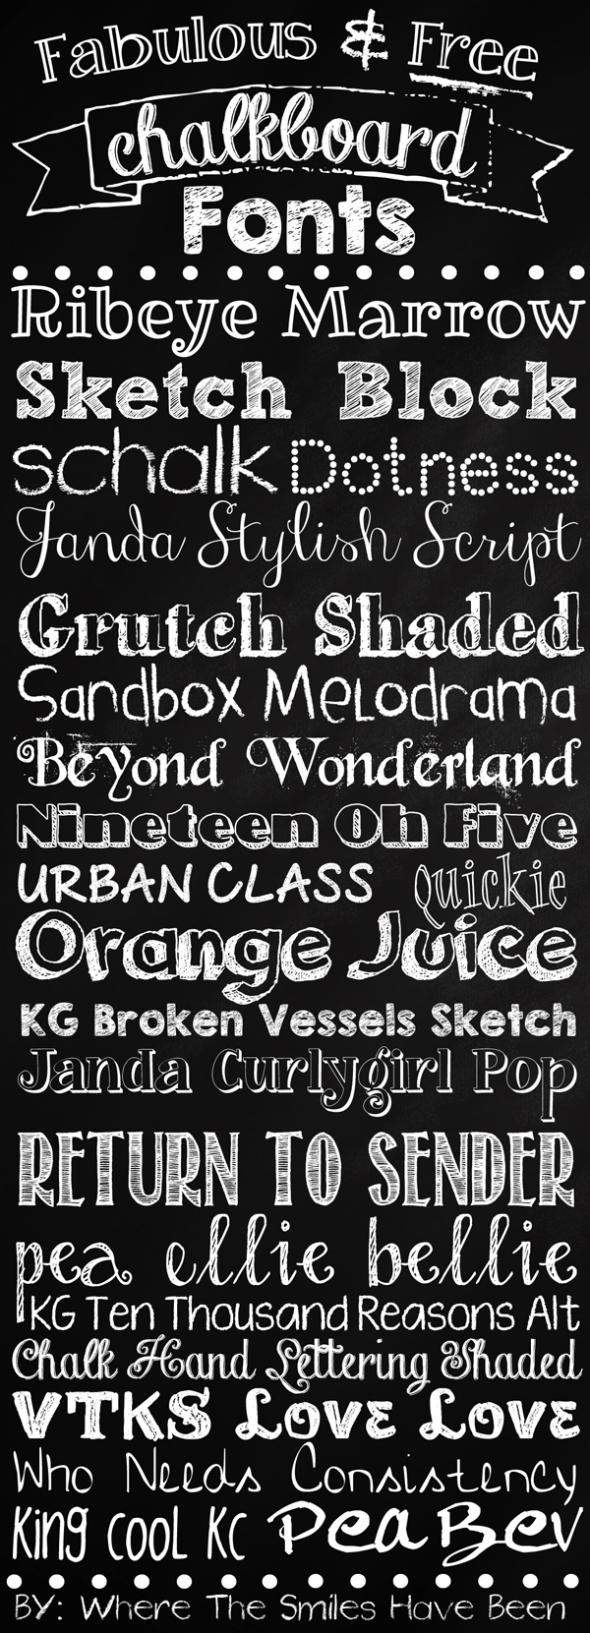 Tattoo name writing designs fabulous u free chalkboard fonts  chalkboard fonts chalkboards and